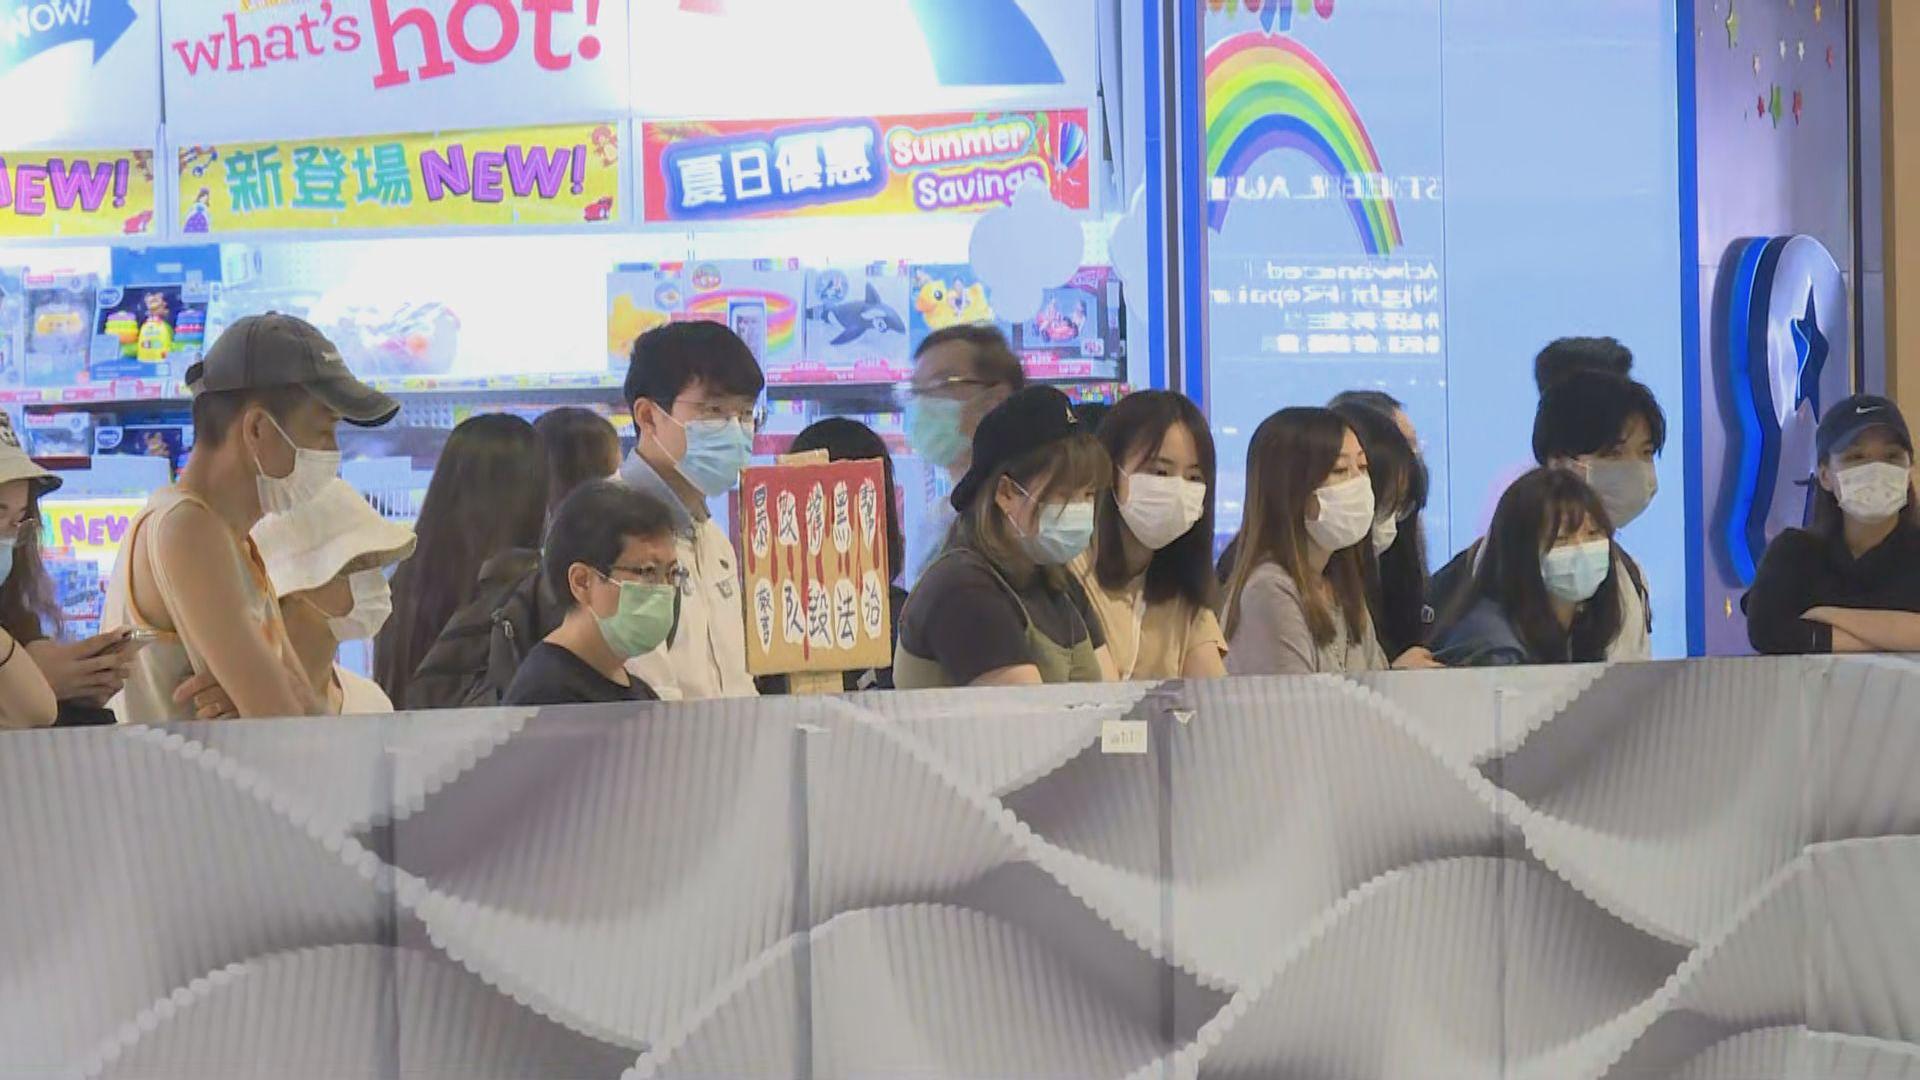 網民於元朗商場聚集 有人被警方票控違反限聚令